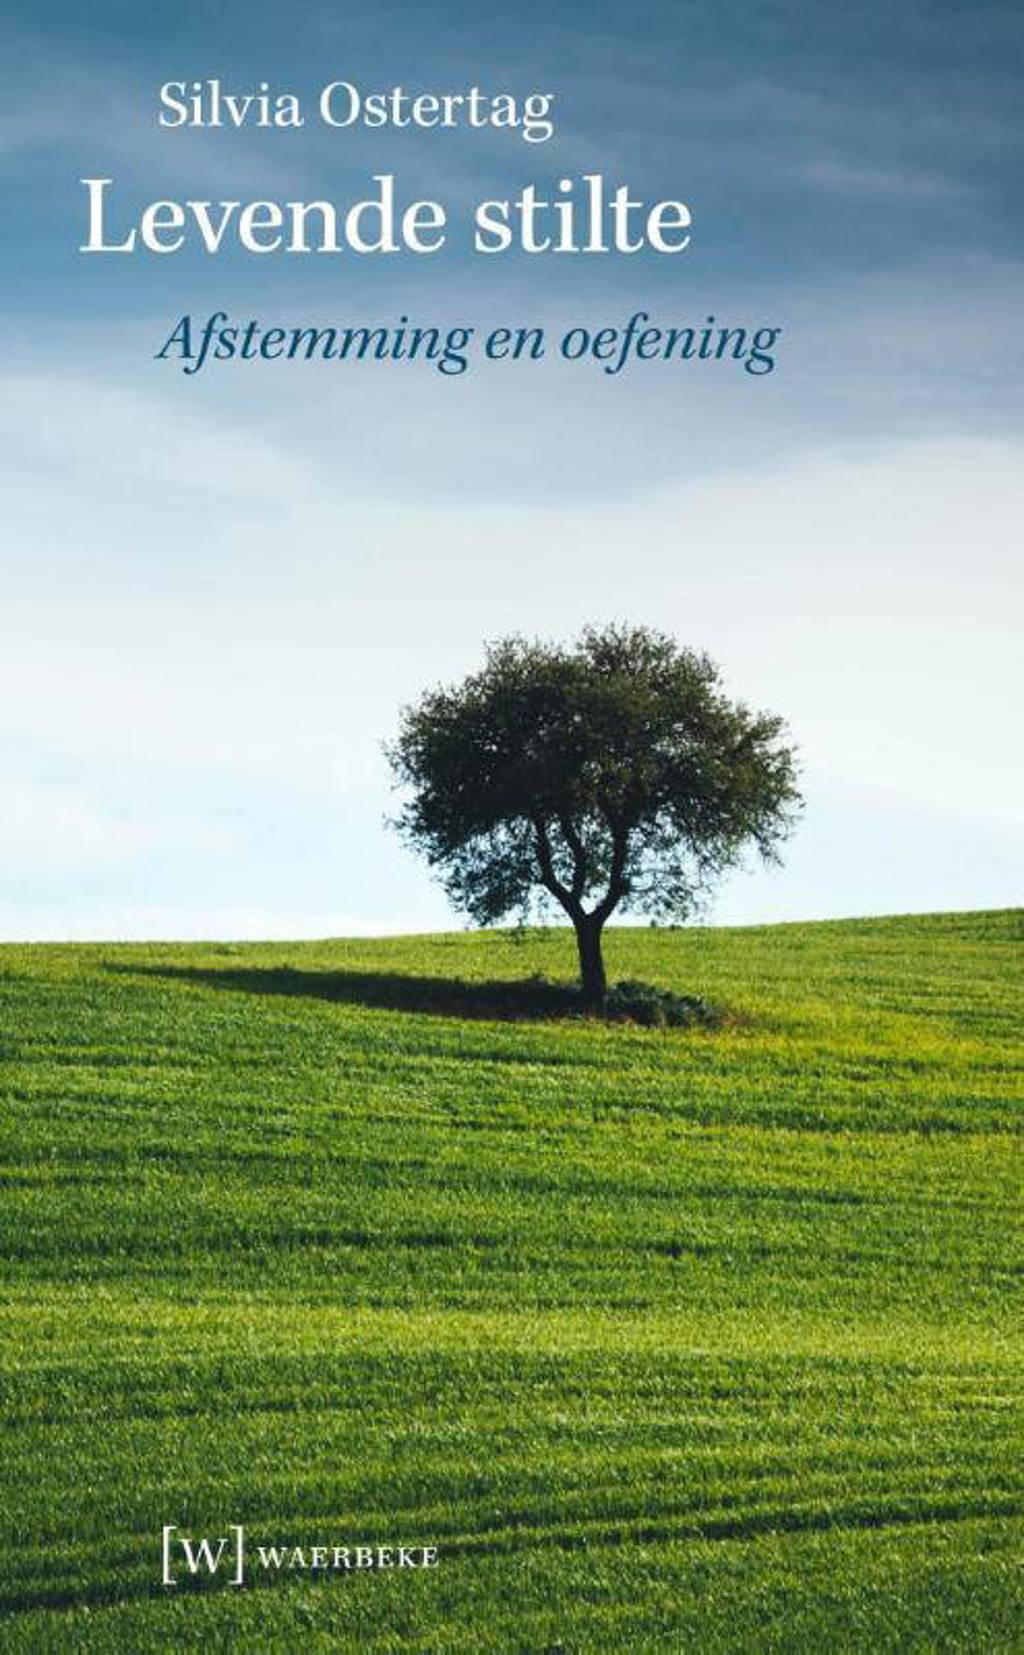 Levende stilte - Silvia Ostertag